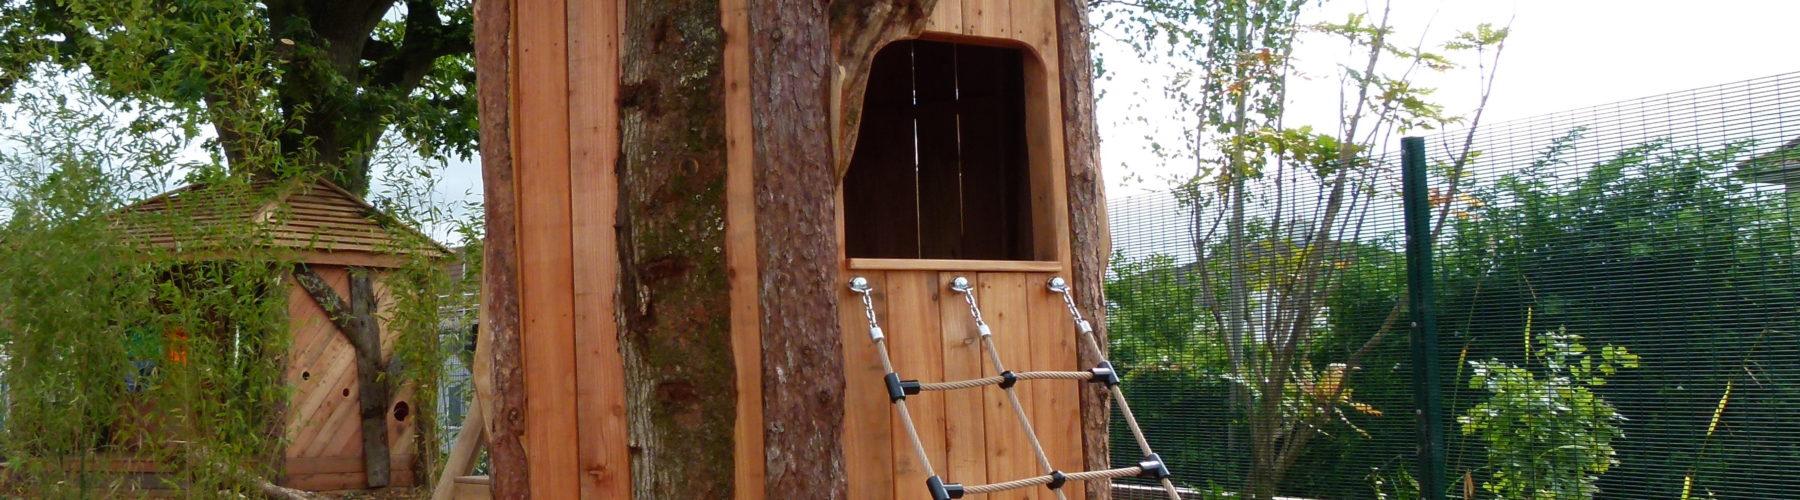 Tree Den